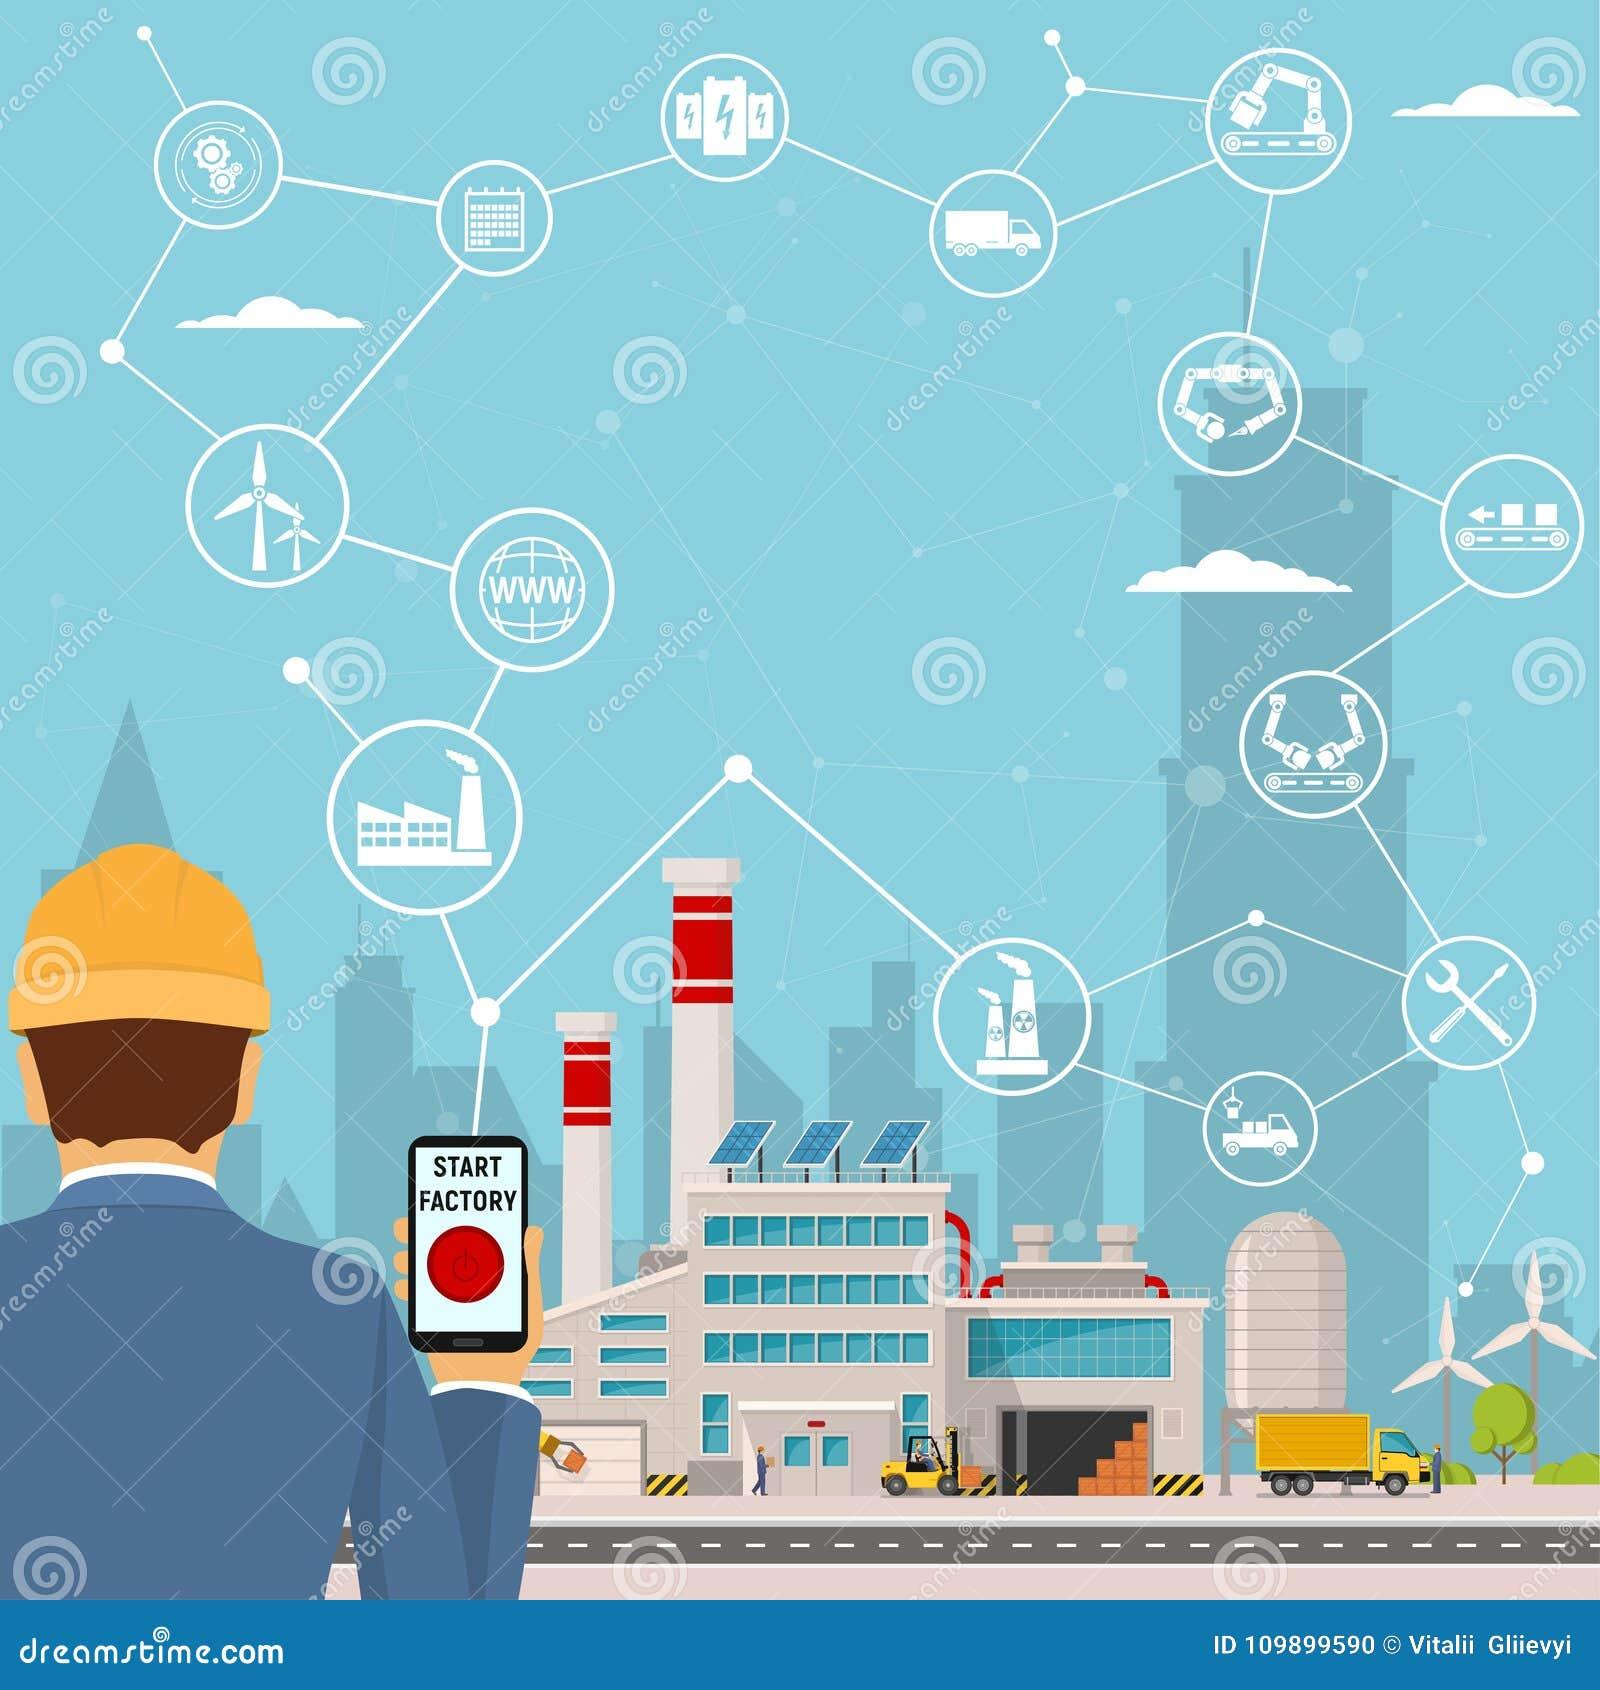 Smart fabrik och runt om den symbolstekniker som startar en smart växt Smart fabrik eller industriell internet av saker